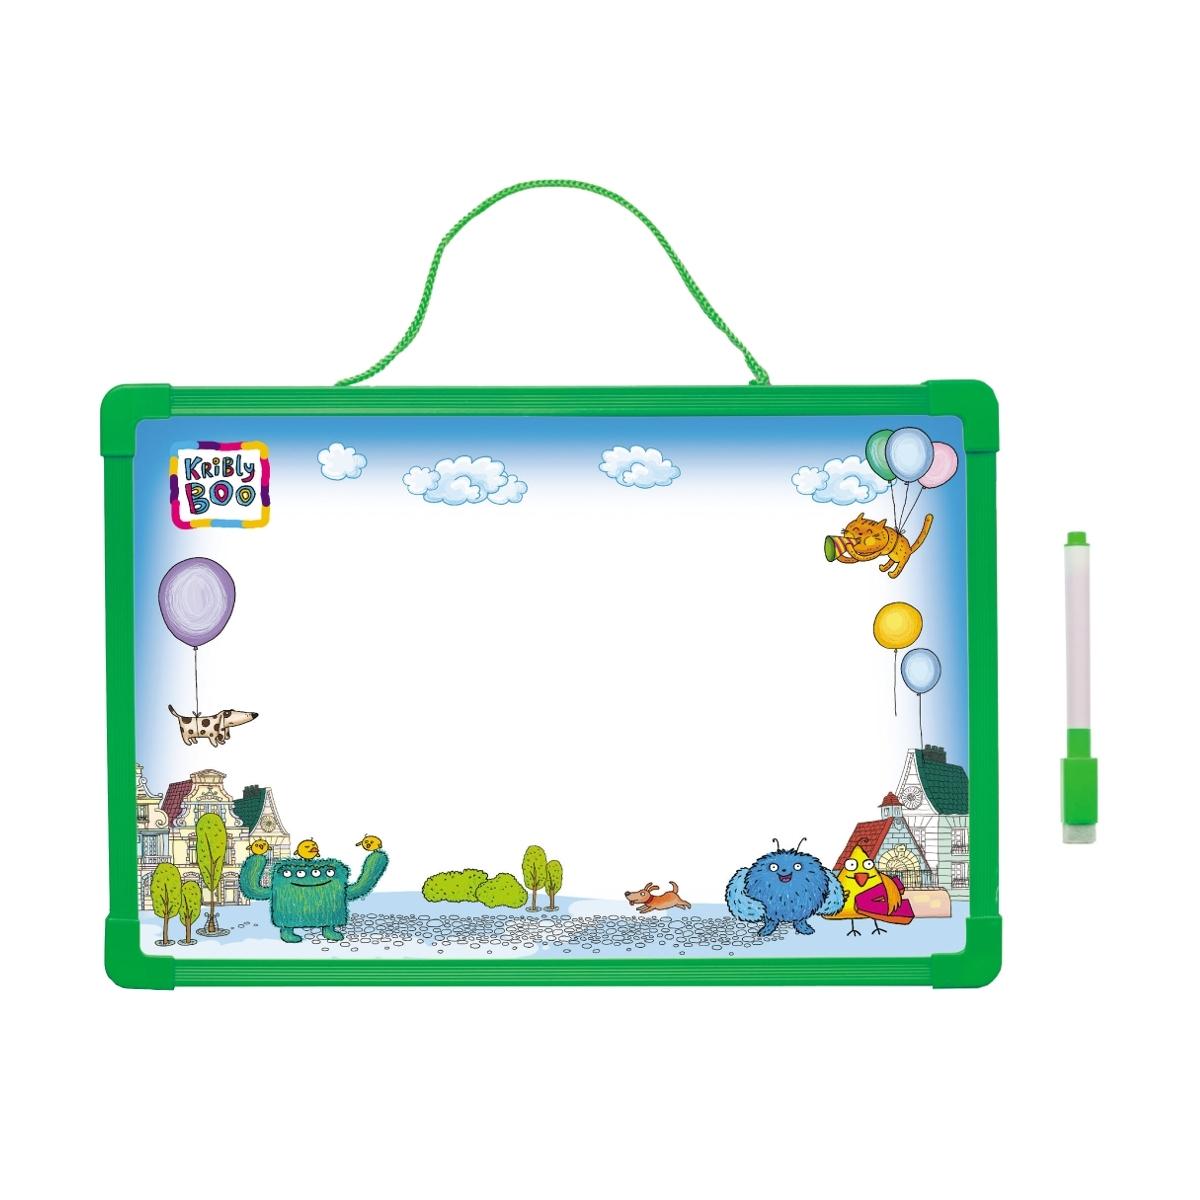 Доска для рисования Kribly Boo с алфавитом и маркером В ассортименте (Зеленая, Синяя, Красная)<br>